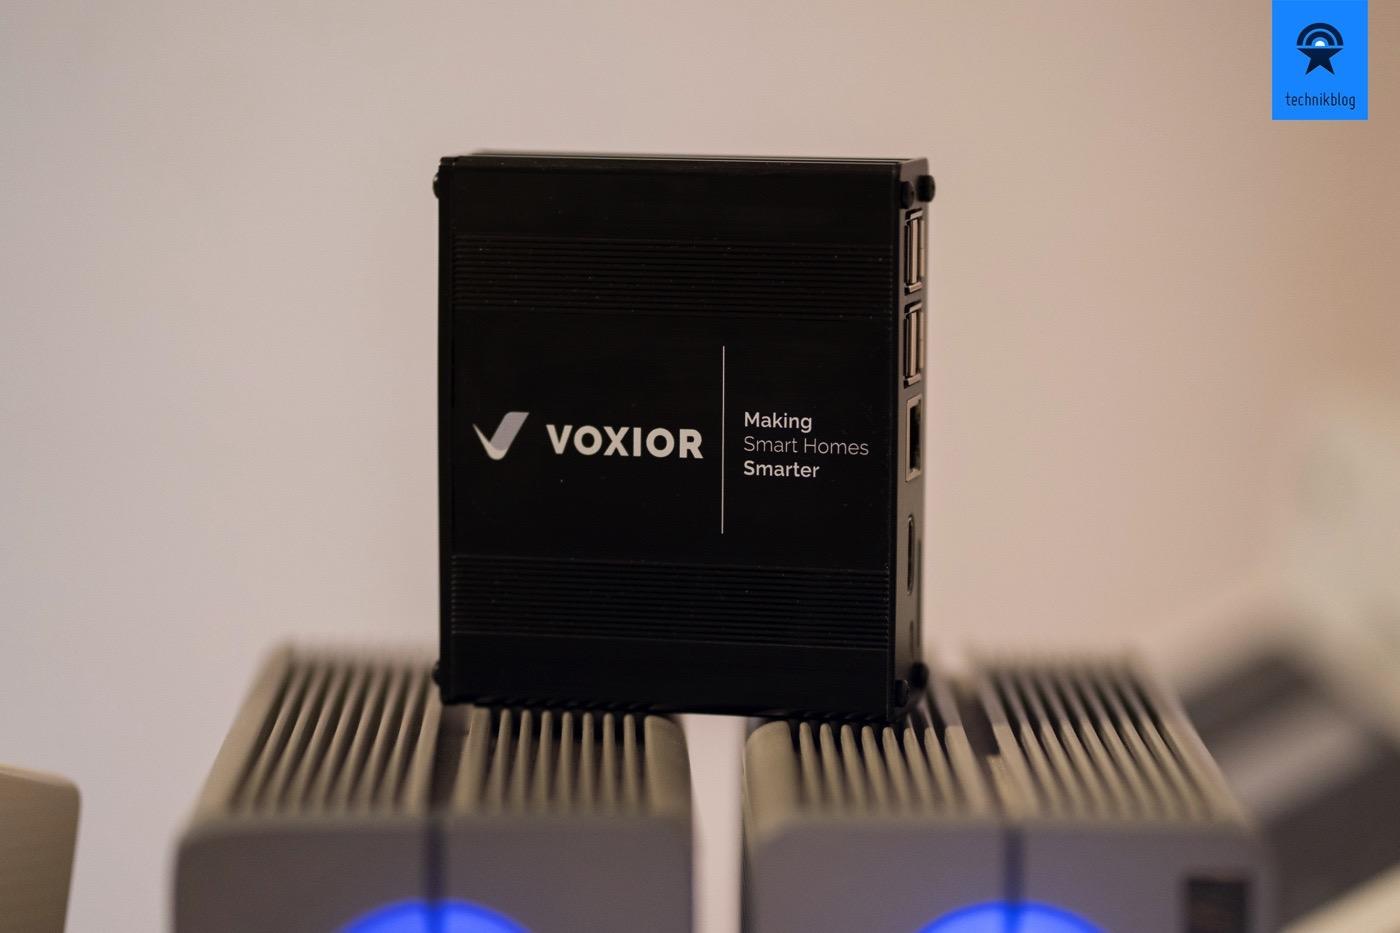 Voxior Voice Control